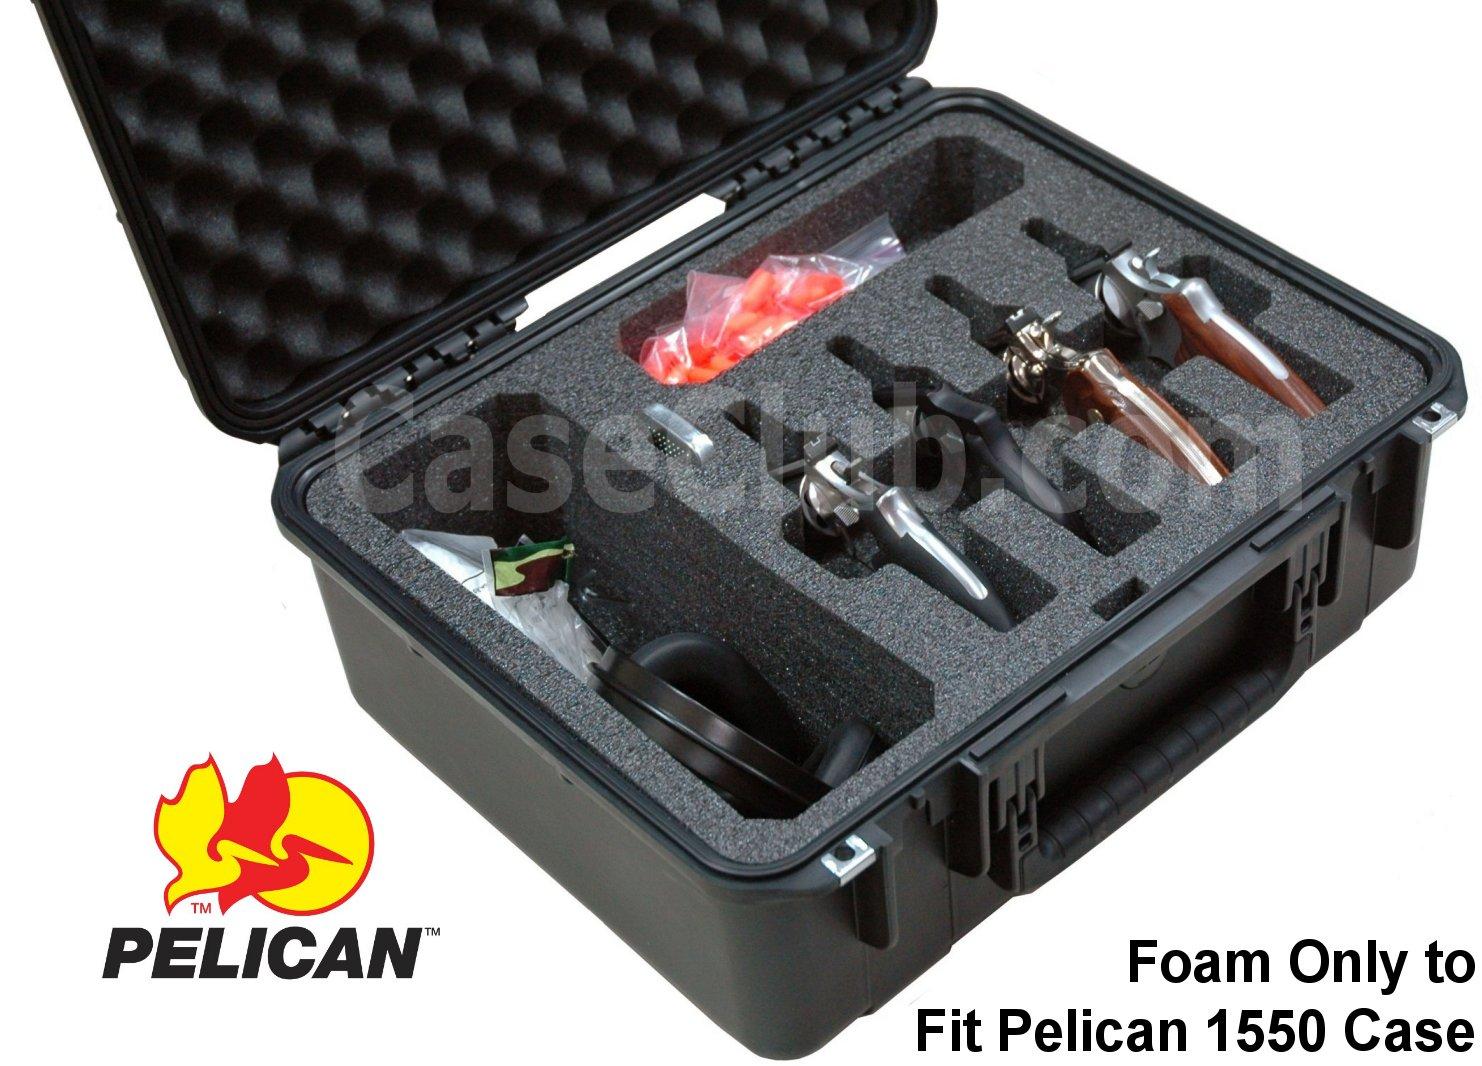 Pelican™ 1550 Case Custom Foam Example: 4 Revolver